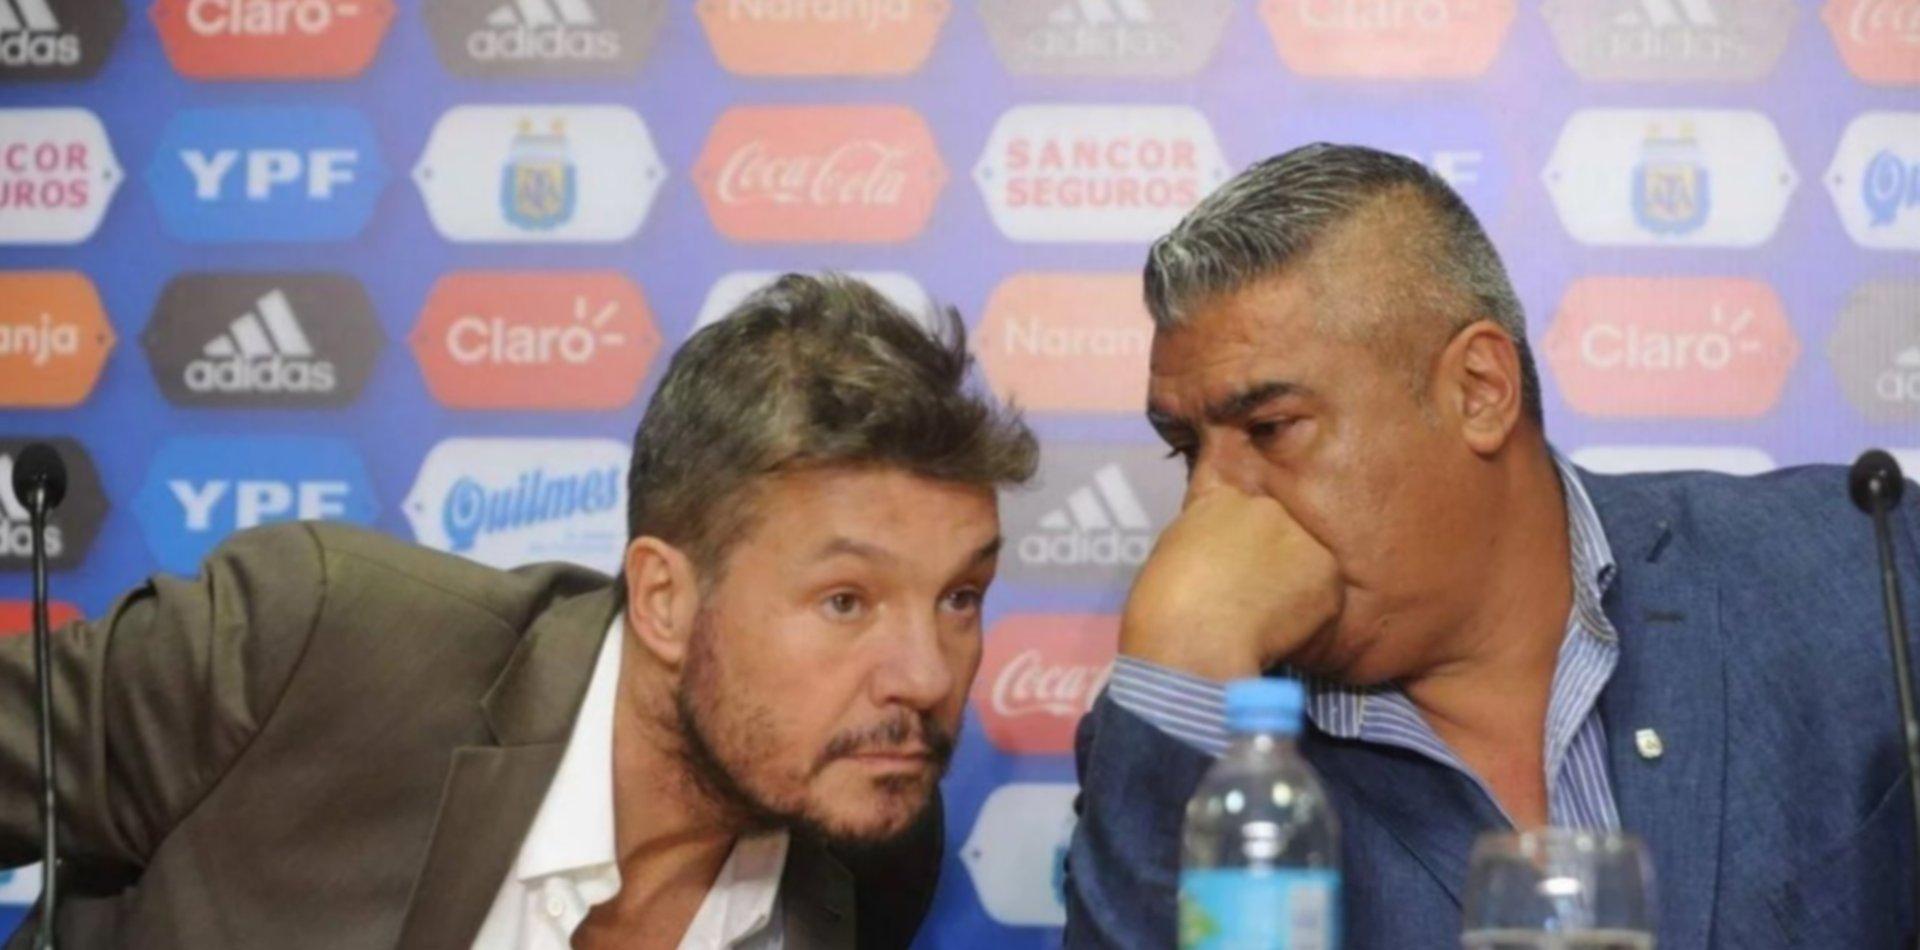 ¿Qué falta para que se confirme la eliminación de los descensos en el fútbol argentino?